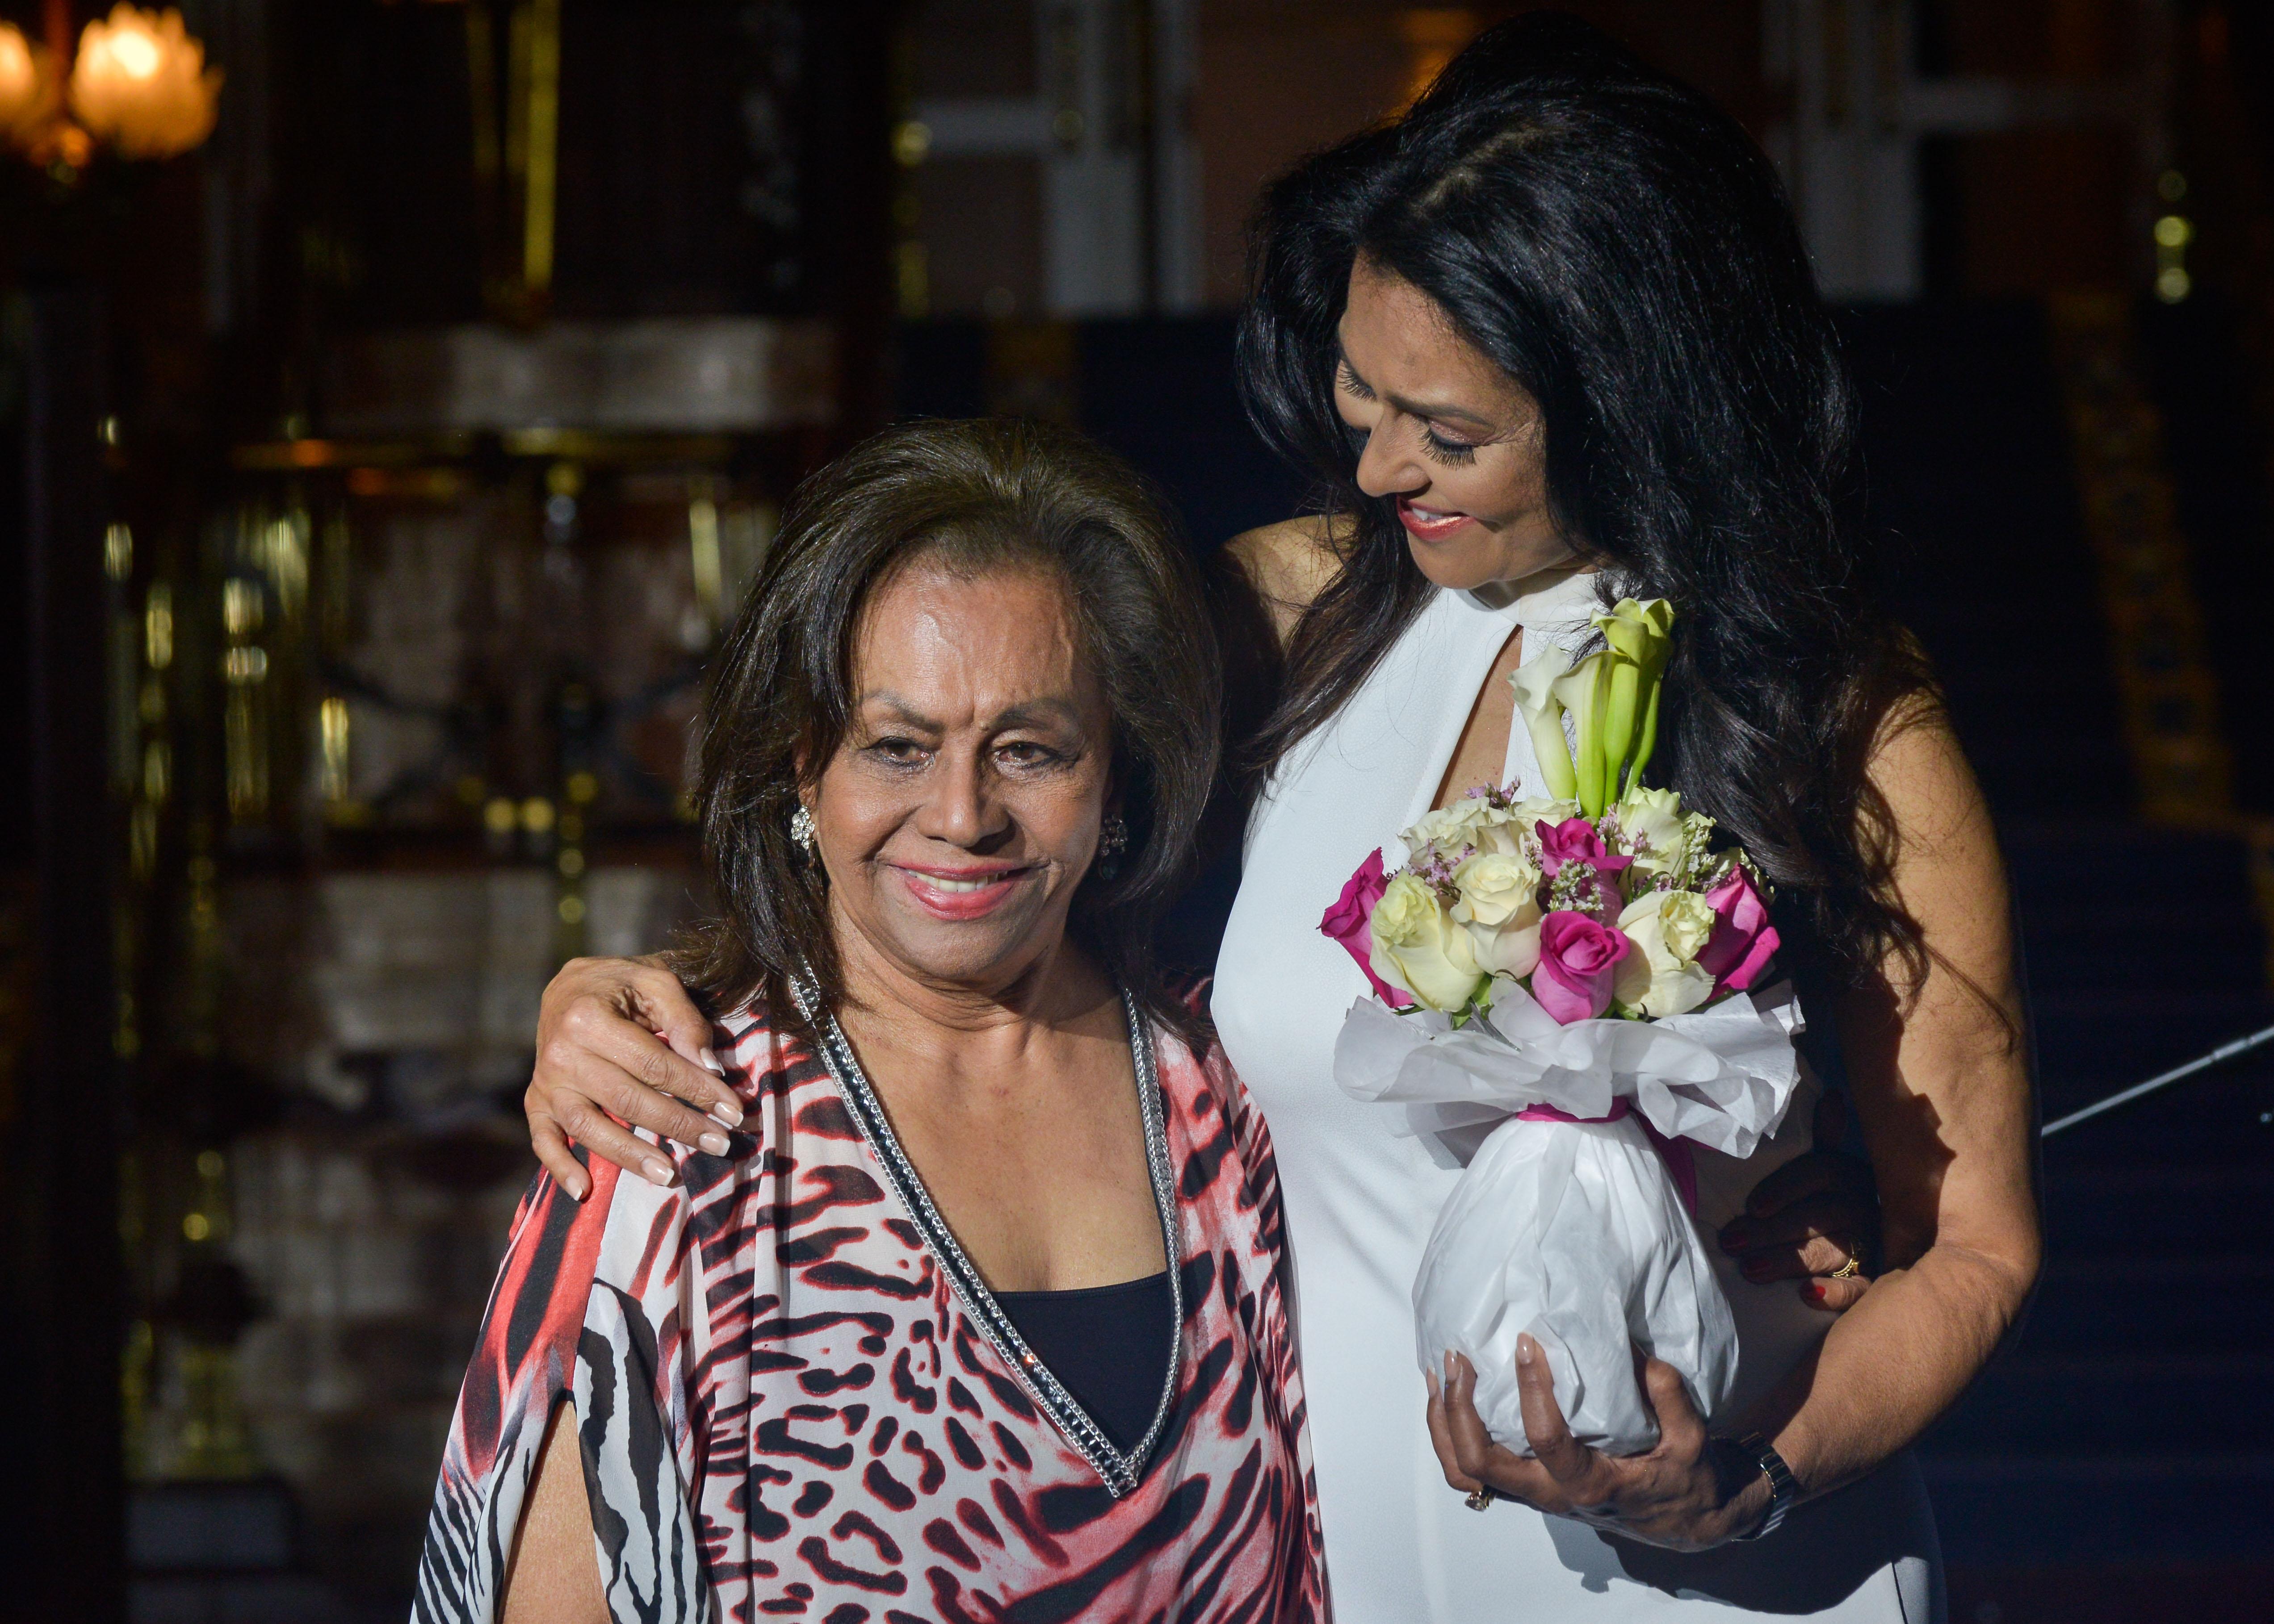 Wilnelia Merced le dedicó a su madre, Delia Cruz, el reconocimiento que le hizo San Juan Moda.  (Foto: Enid Salgado)